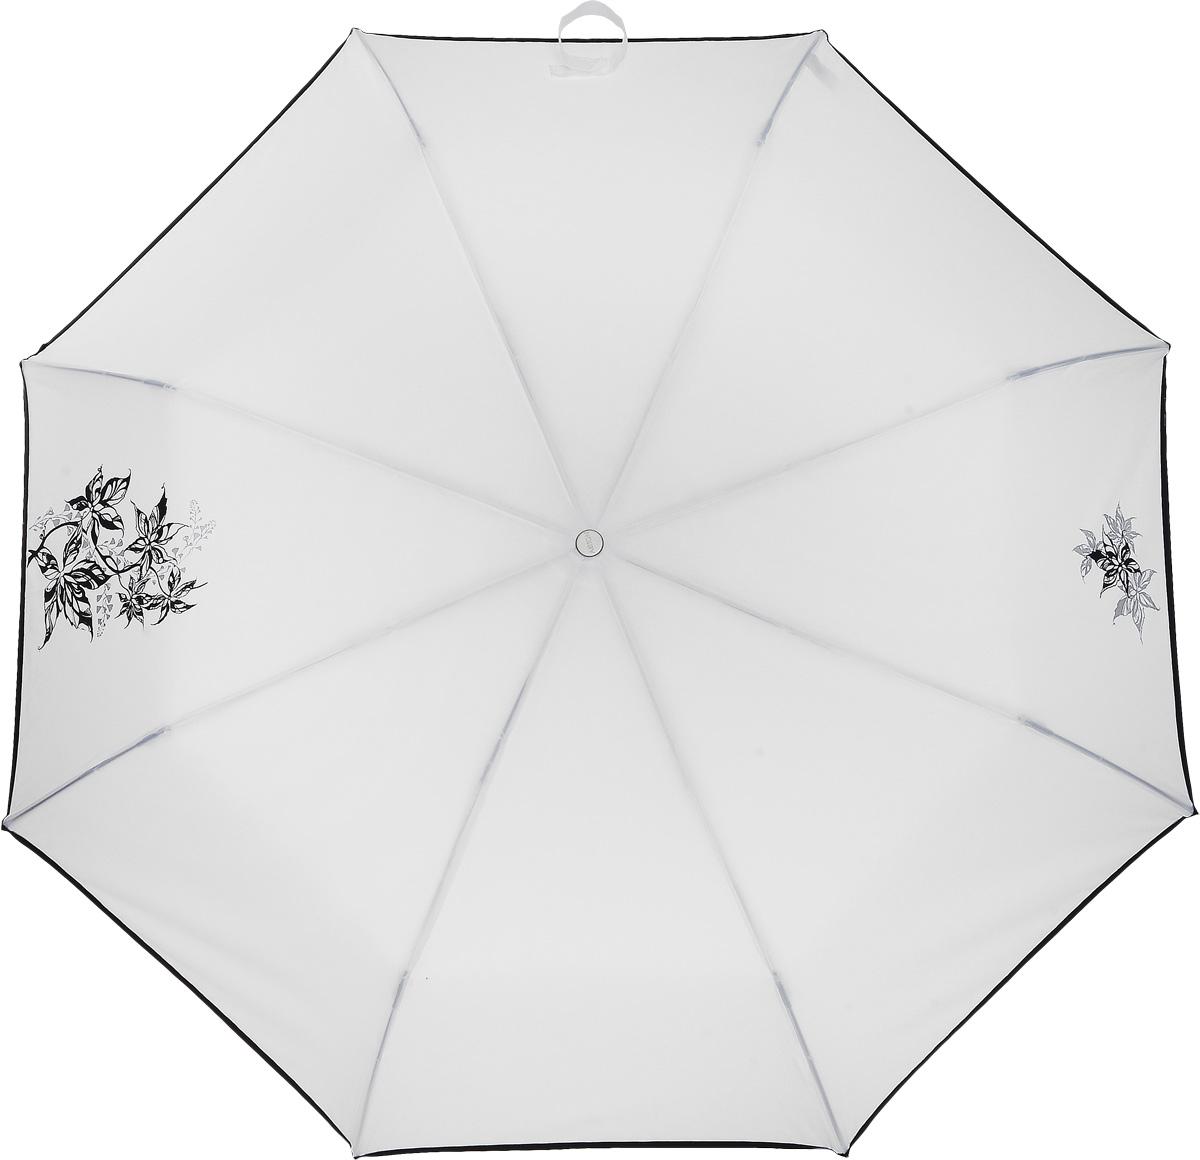 Зонт женский Airton, механический, 3 сложения, цвет: белый, черный. 3512-293512-29Оригинальный однотонный женский зонт в 3 сложения с миниатюрным цветочным принтом. Данная модель оснащена механической системой открытия и закрытия. Удобная ручка выполнена из пластика в тон основному цвету купола зонта. Модель зонта выполнена в стандартном размере, оснащена системой Антиветер. Этот стильный аксессуар поместится практически в любую женскую сумочку благодаря своим небольшим размерам.